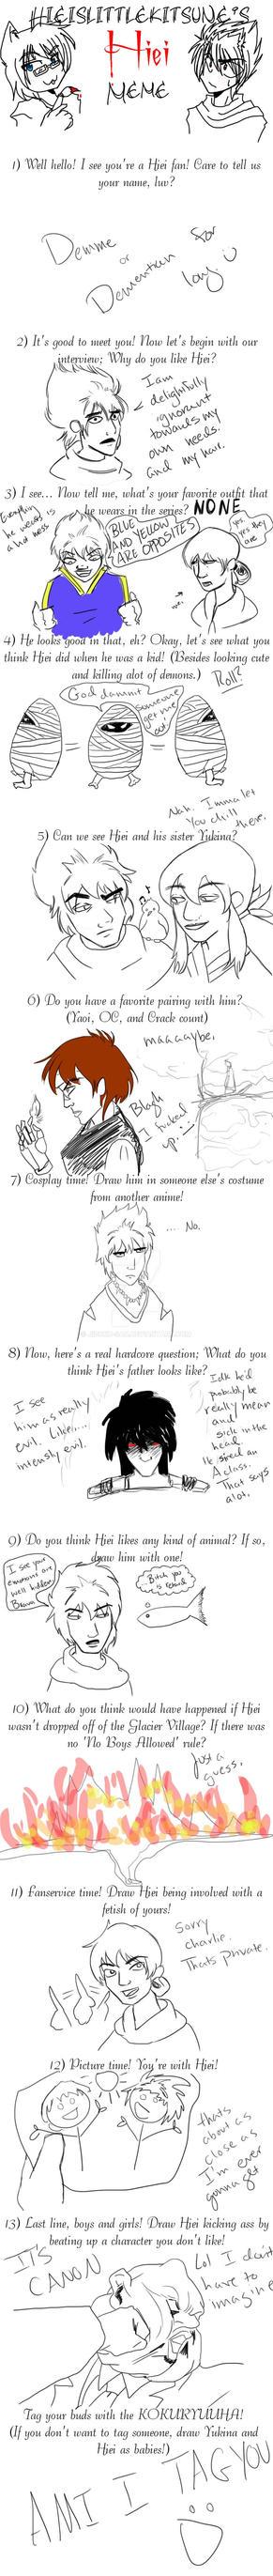 The Hiei Meme by Jizoku-San